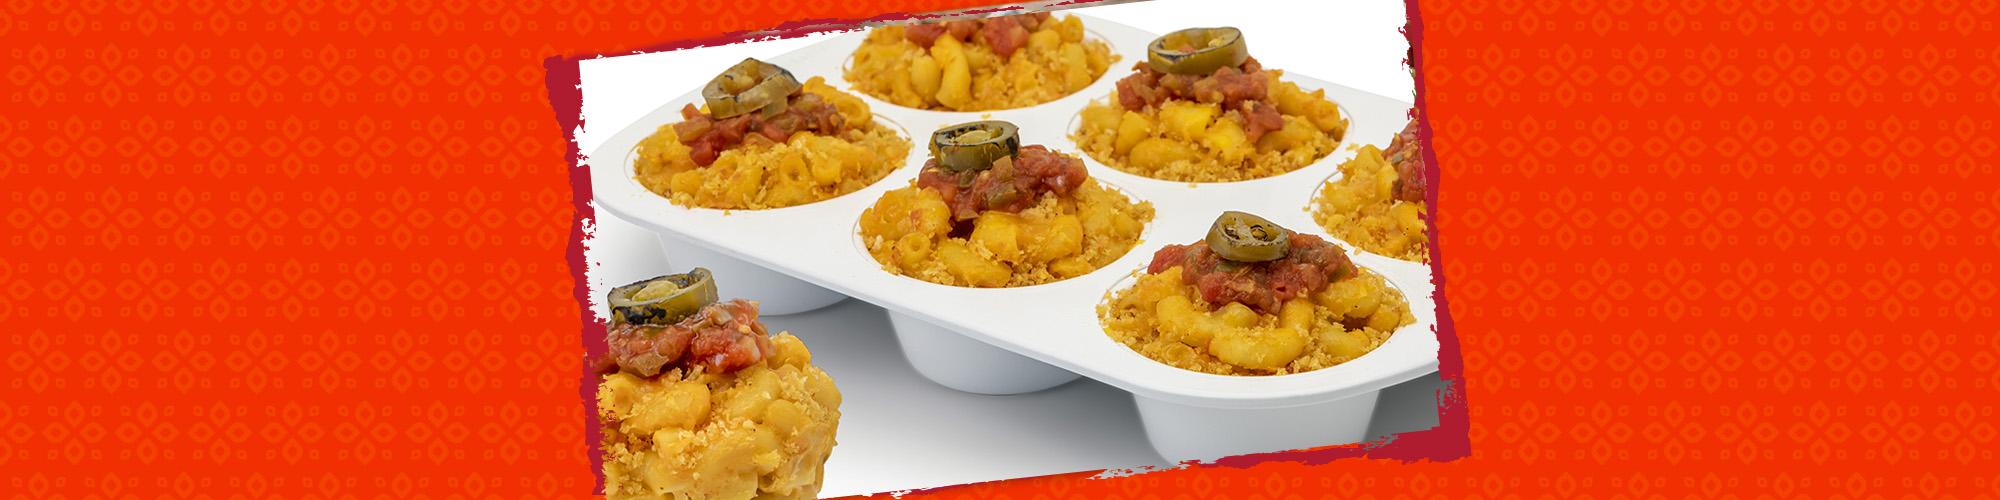 Salsas mac and cheese